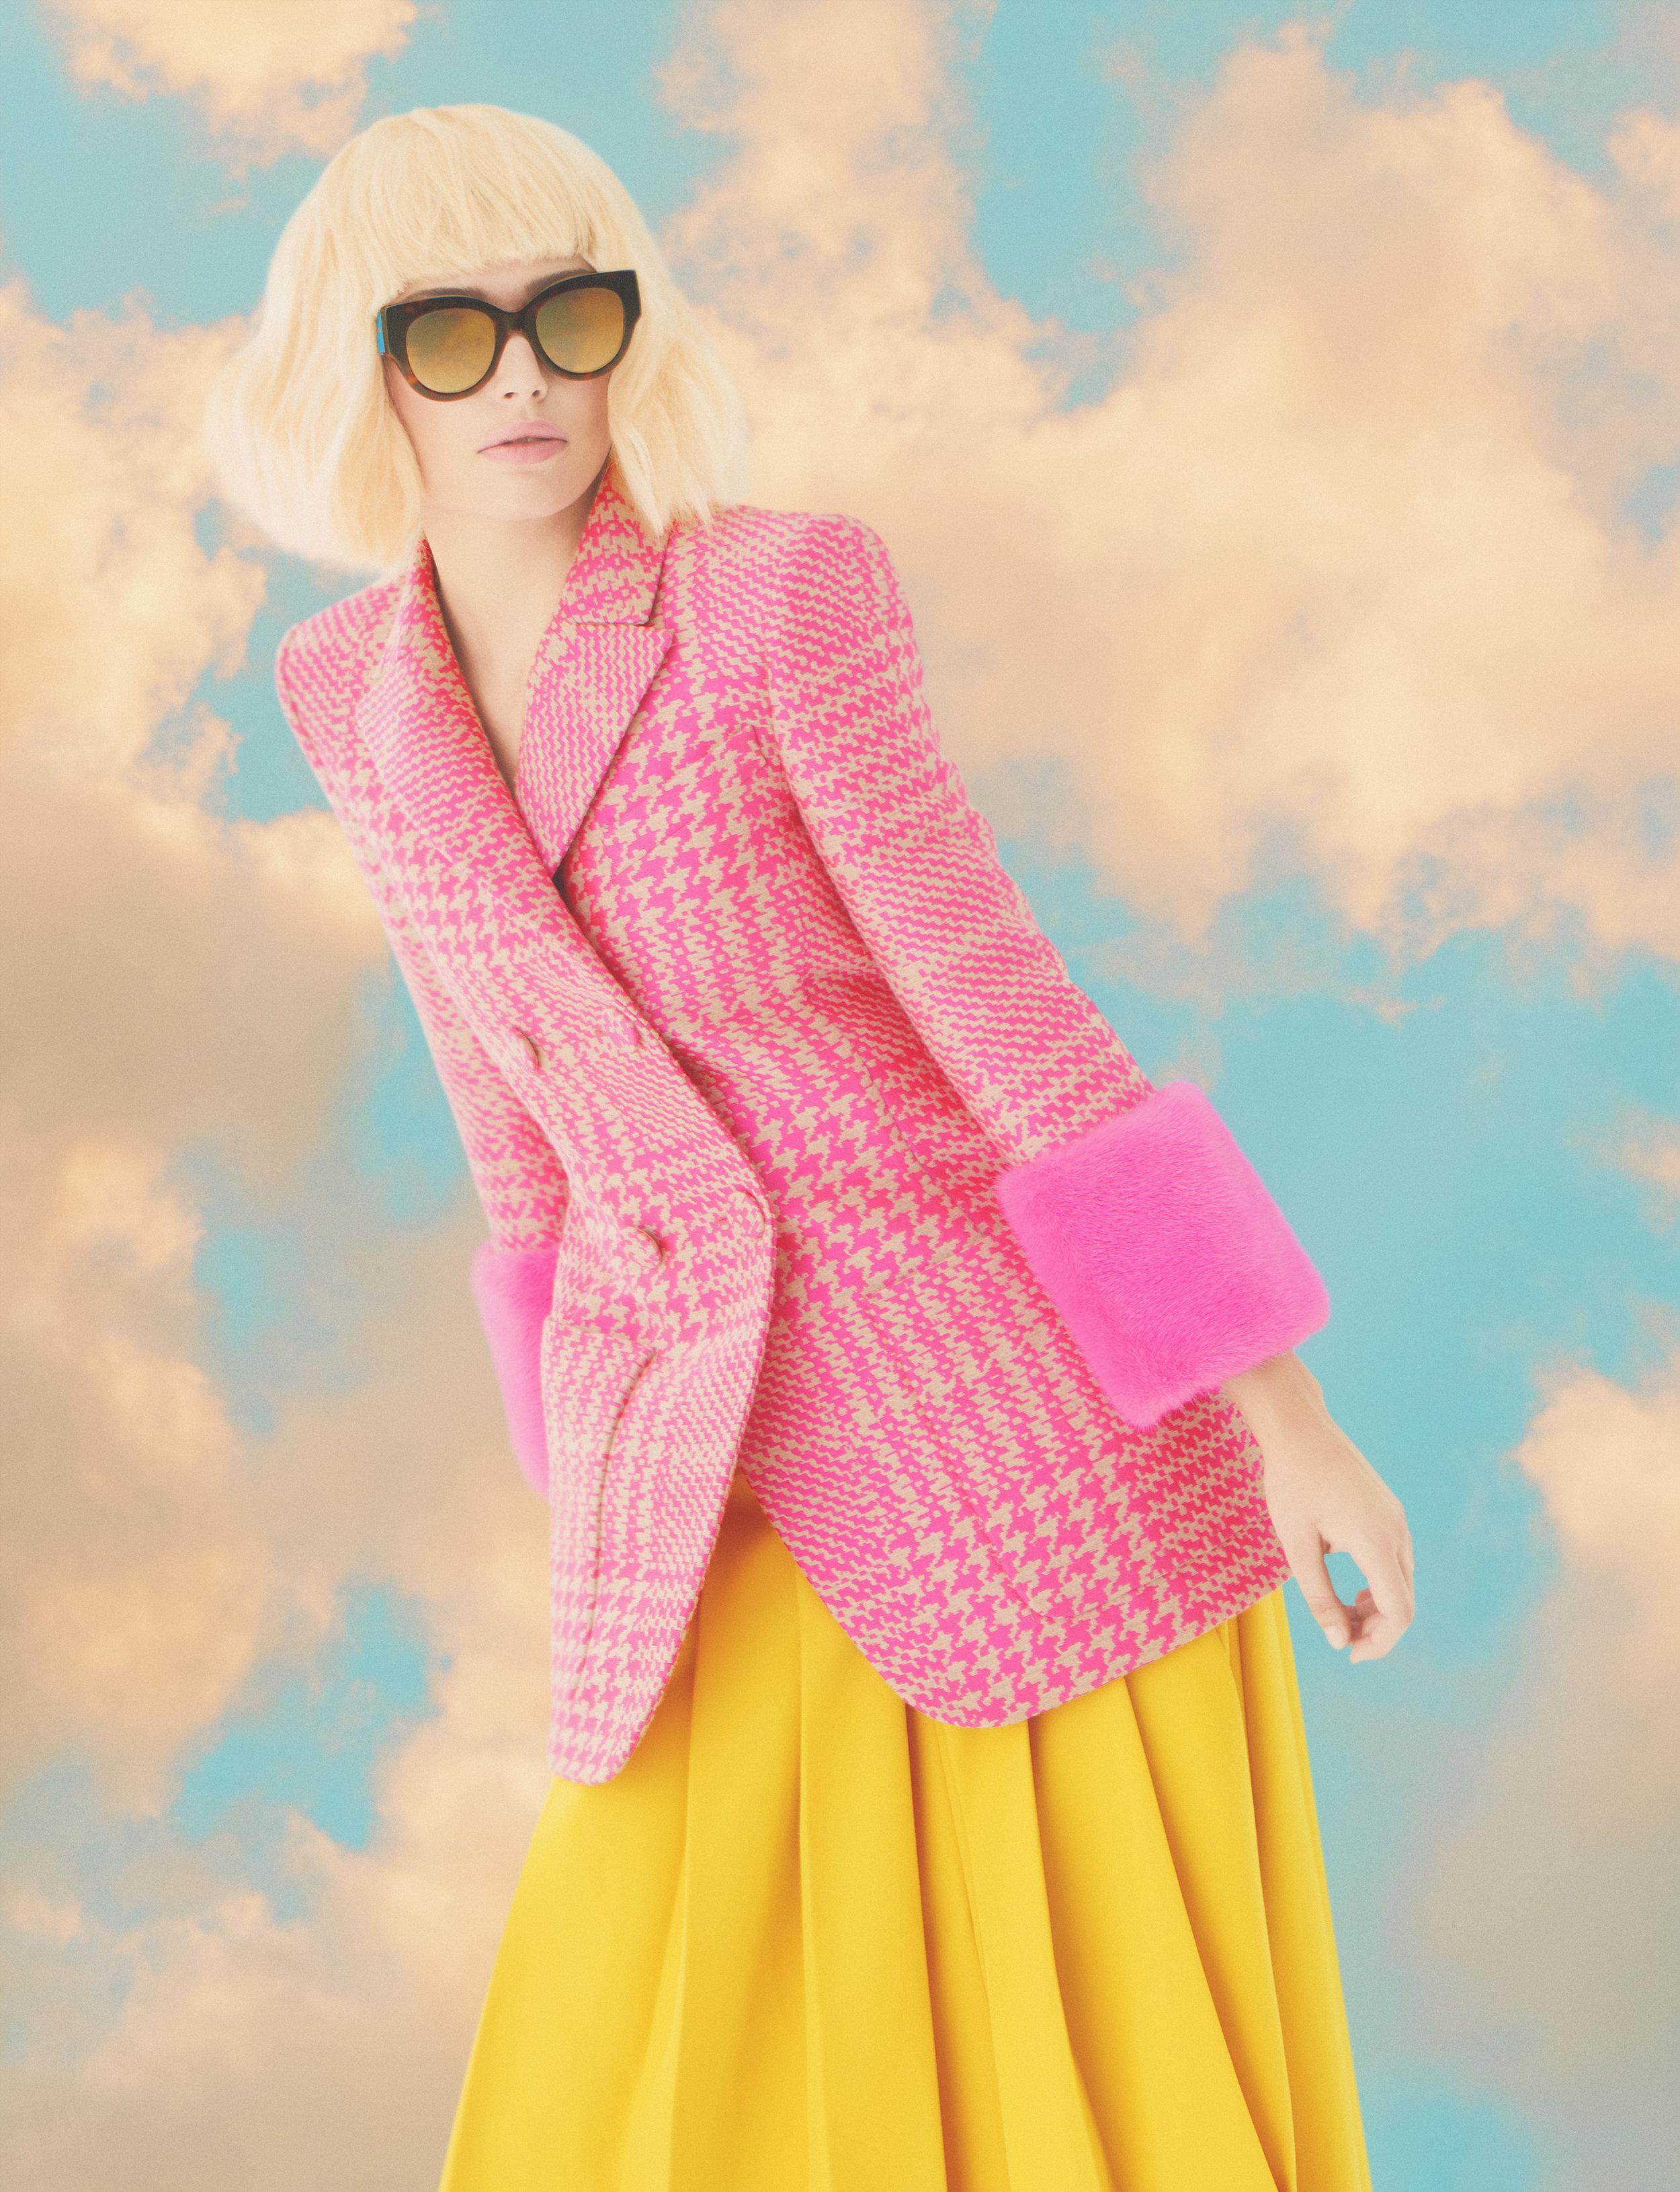 Fendi / George McLeod / Luxure Magazine